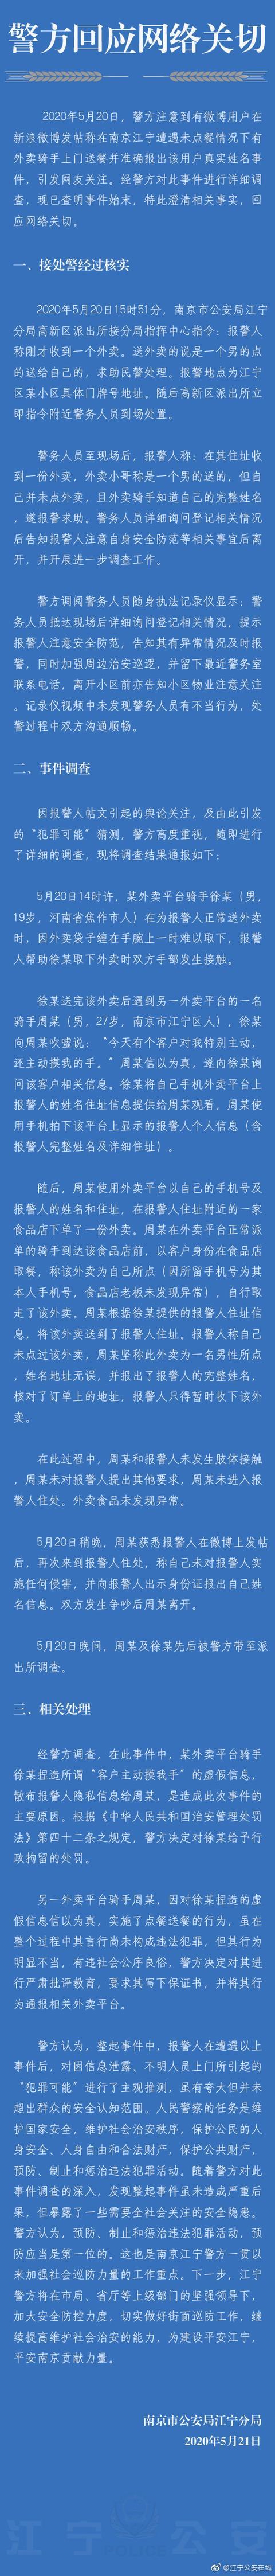 女子未点餐被外卖员强送外卖并报出真实姓名,南京警方通报